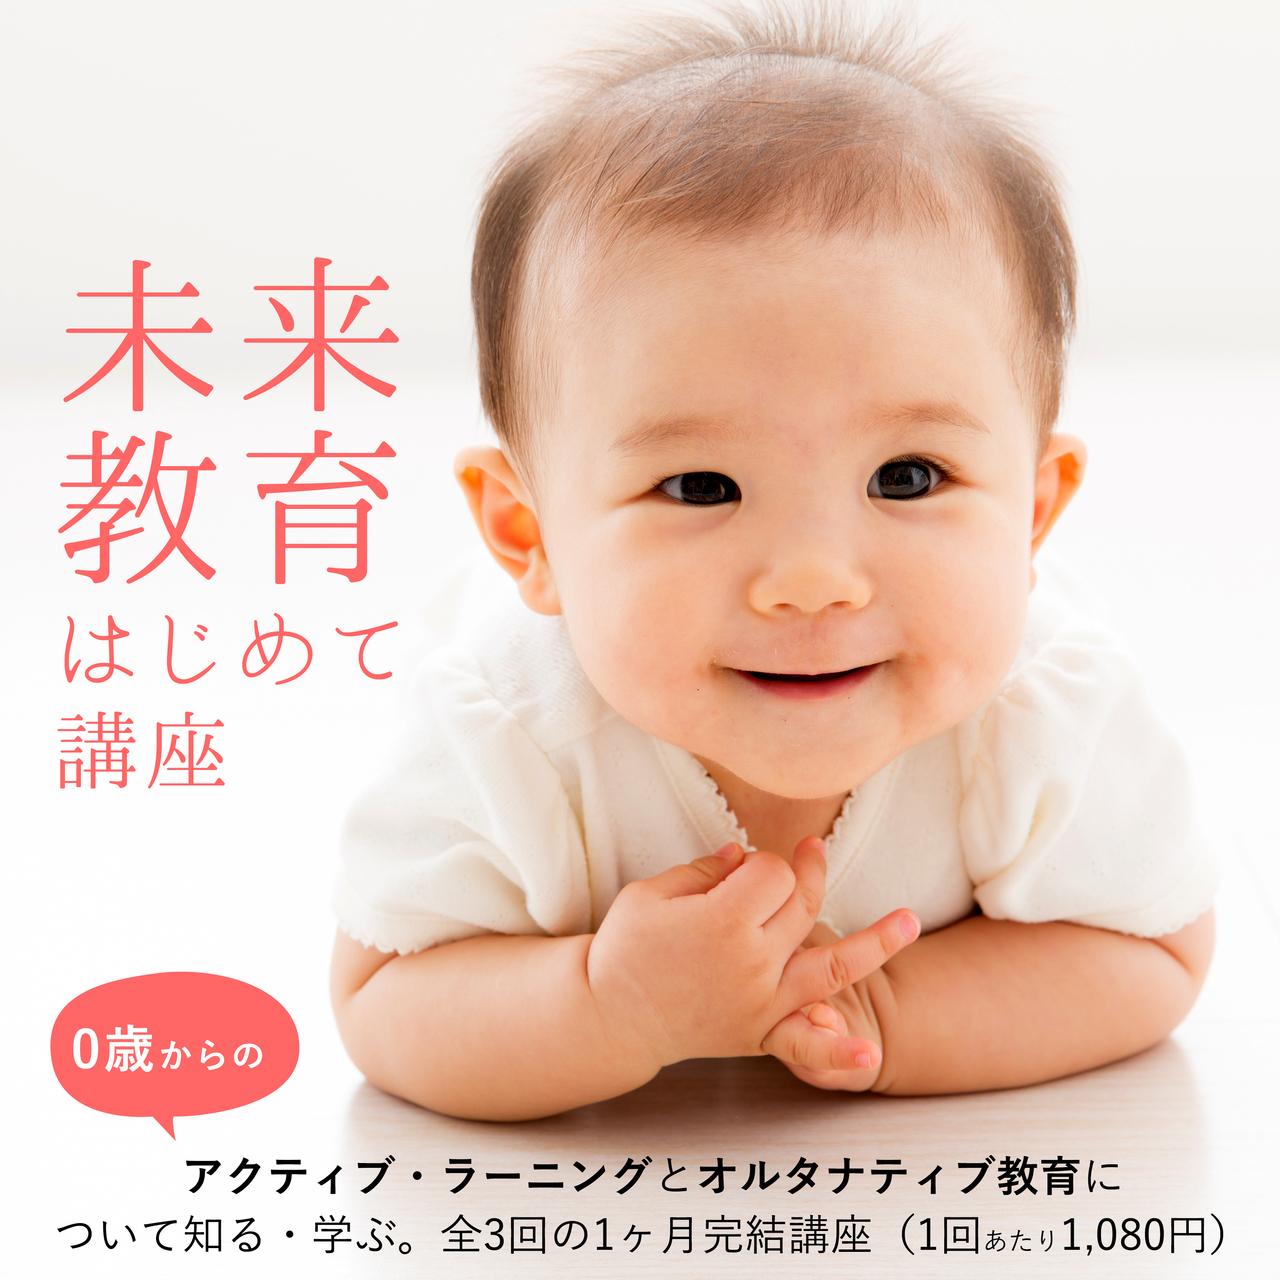 【妊娠中から全ての親子】注目!未来教育はじめて講座(0歳からのアクティブラーニングとオルタナティブ教育)